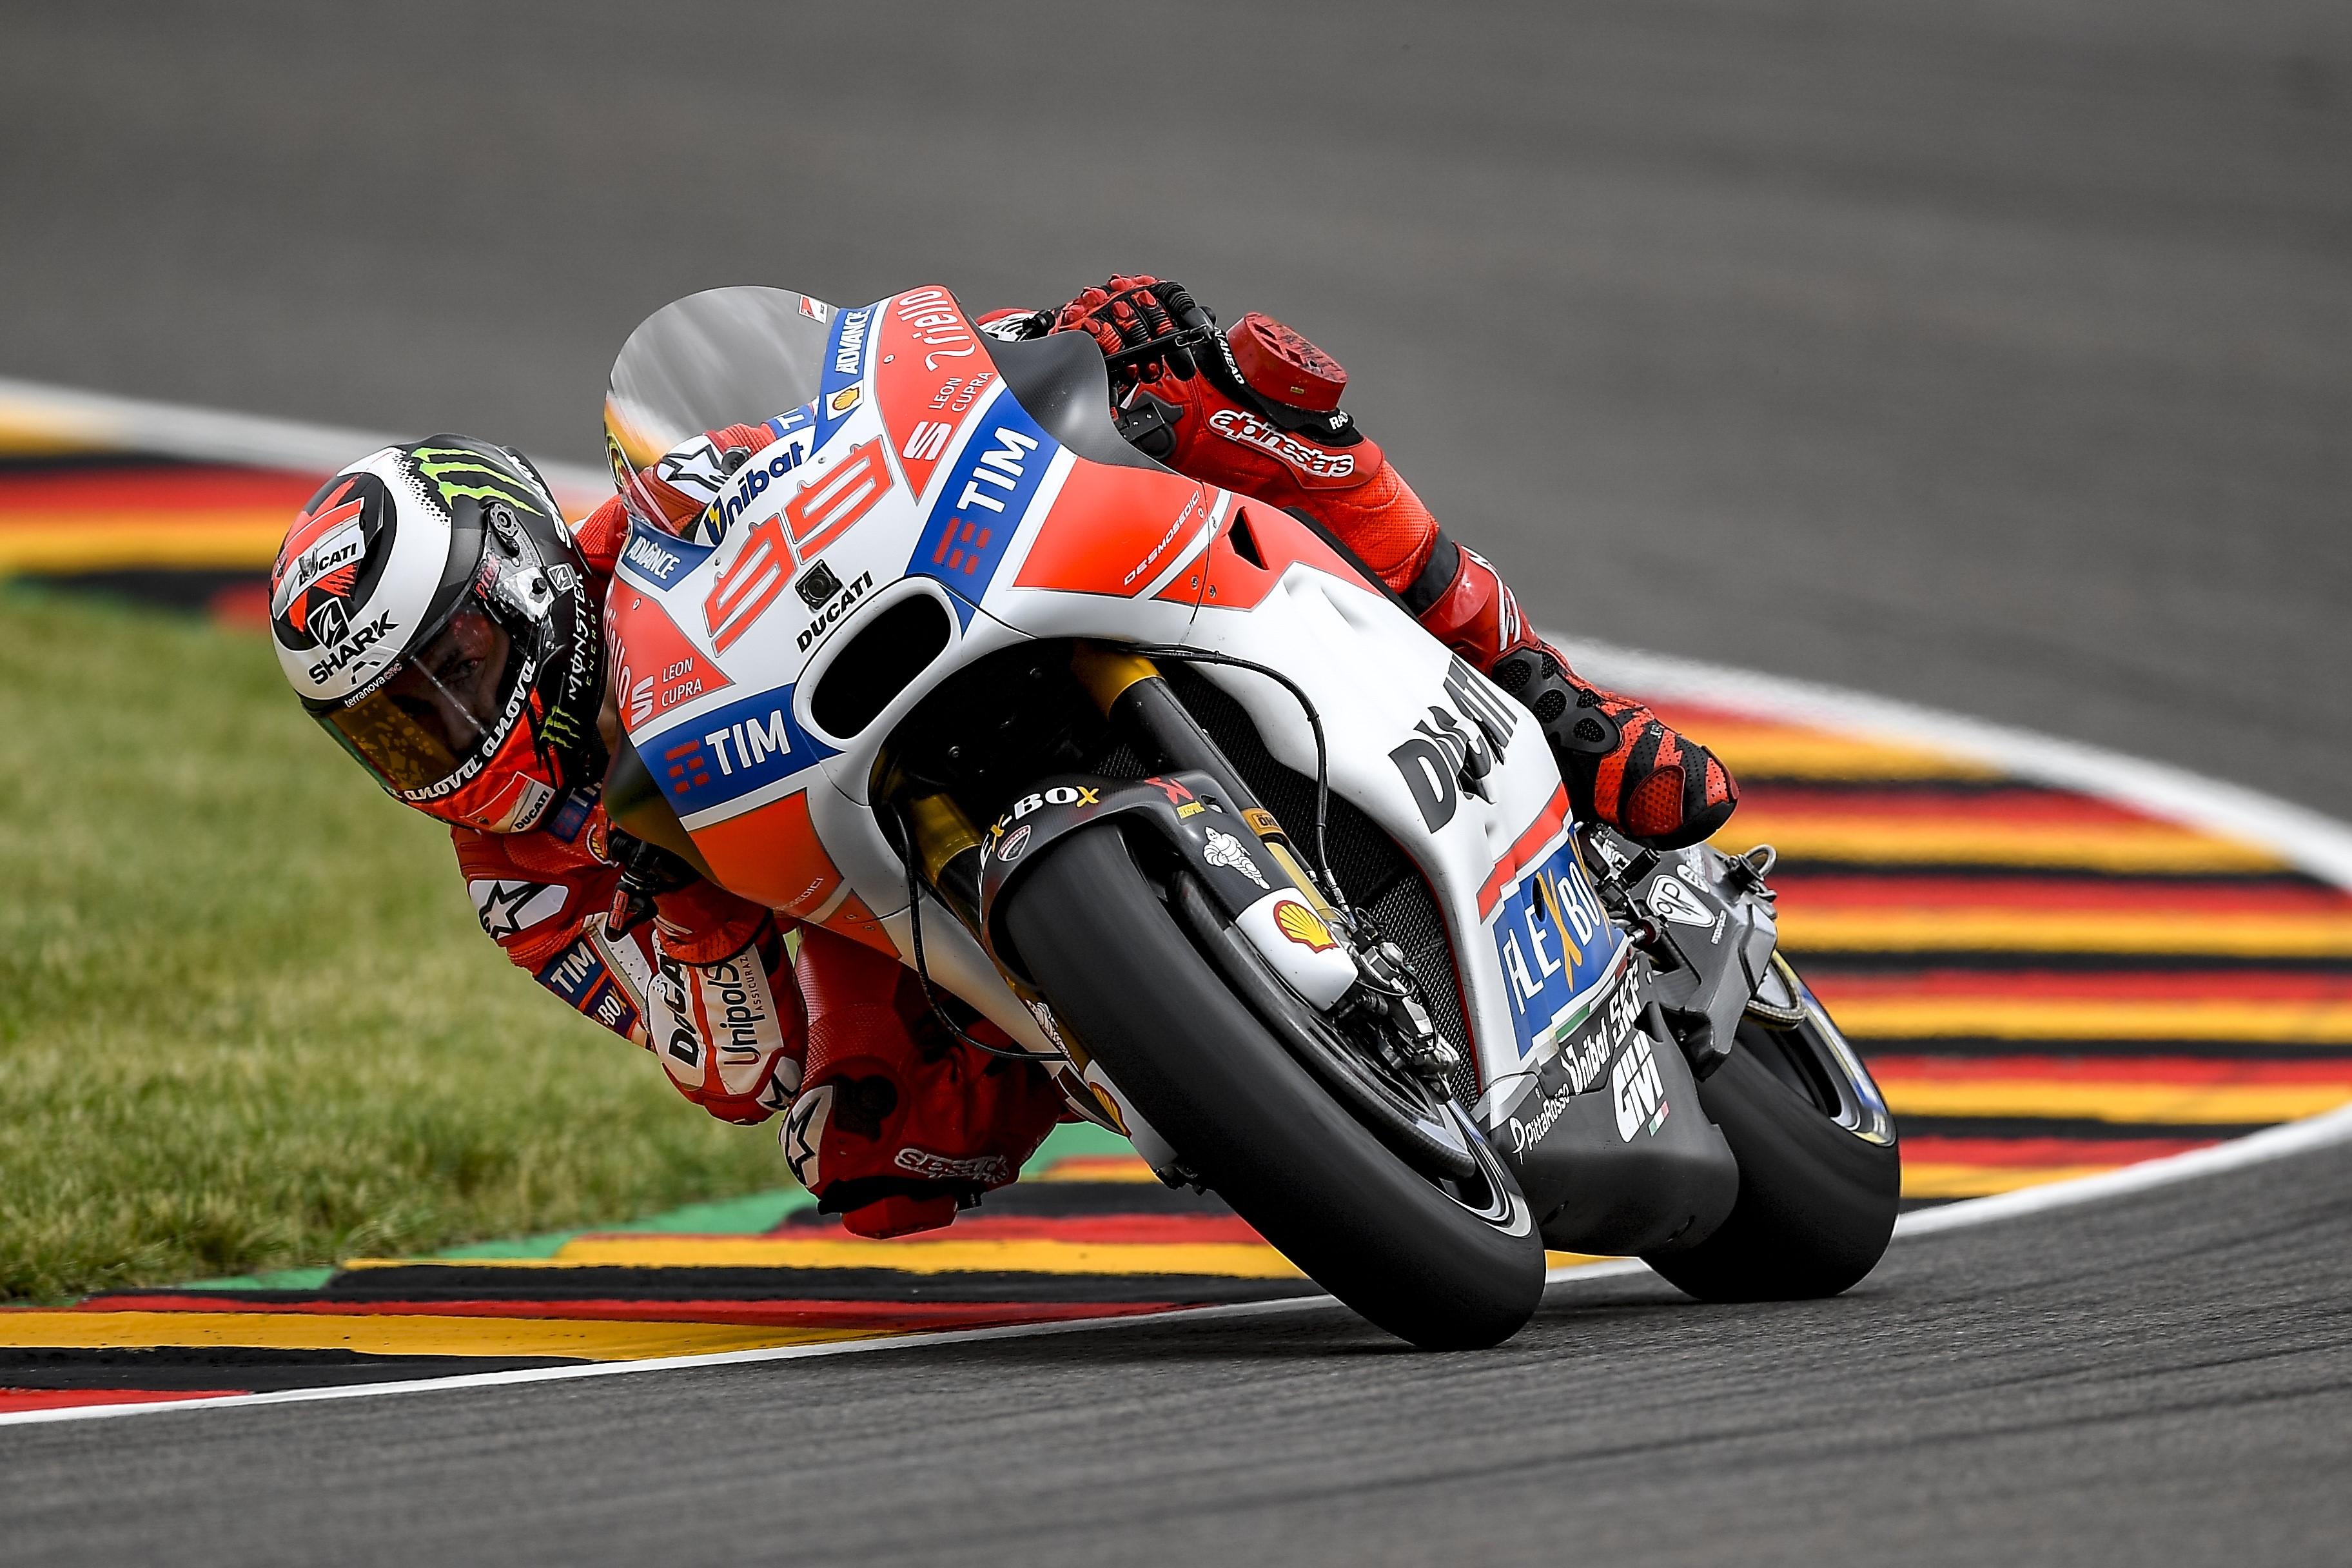 Jorge Lorenzo (Ducati Team) au Grand Prix d'Allemagne 2017